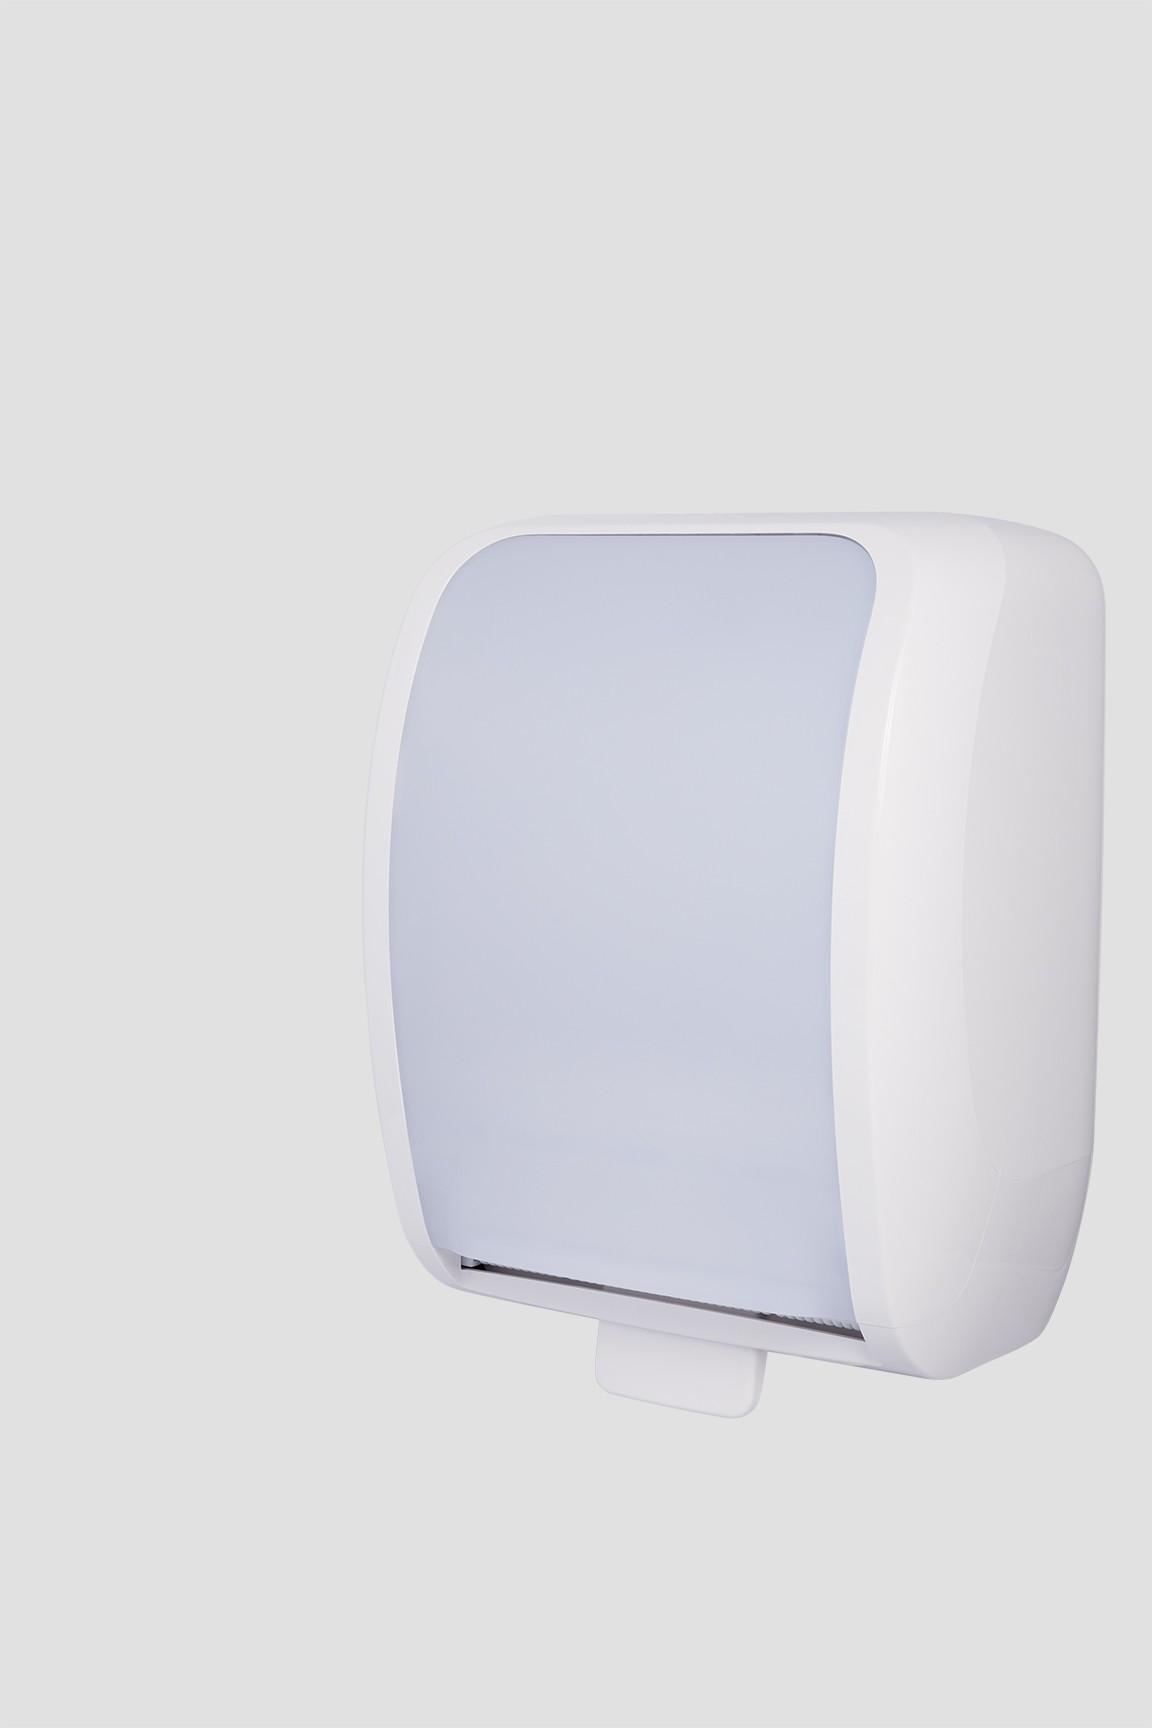 BCL®-Handtuchsystem Autocut -Handtuchspender - weiß